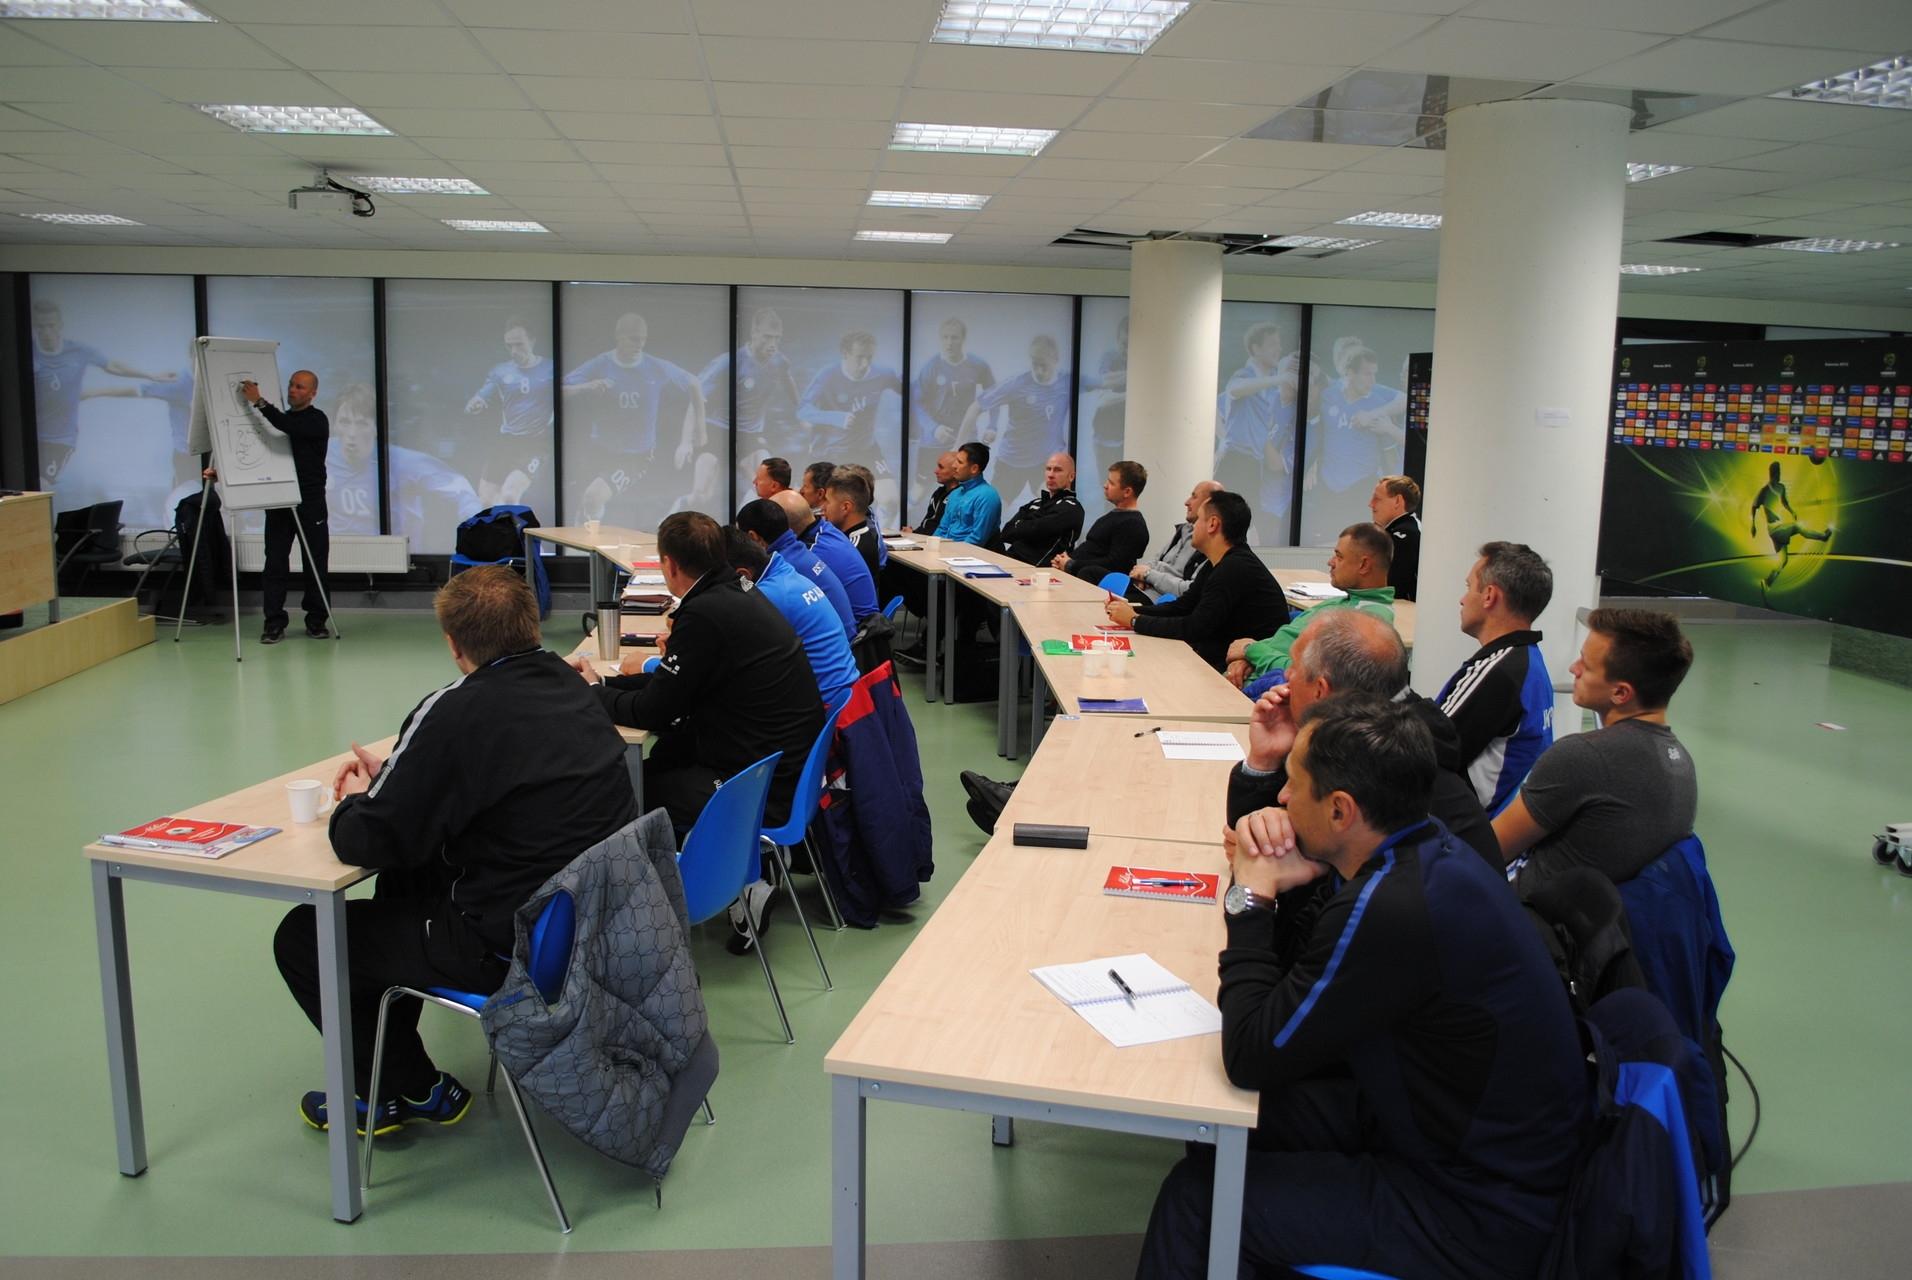 65cacddbbcb Tänasest on avatud registreerimine Eesti Jalgpalli Liidu (EJL) poolt  korraldatavatele treenerite koolitustele aastal 2018. Uus aasta toob kaasa  mitmed ...